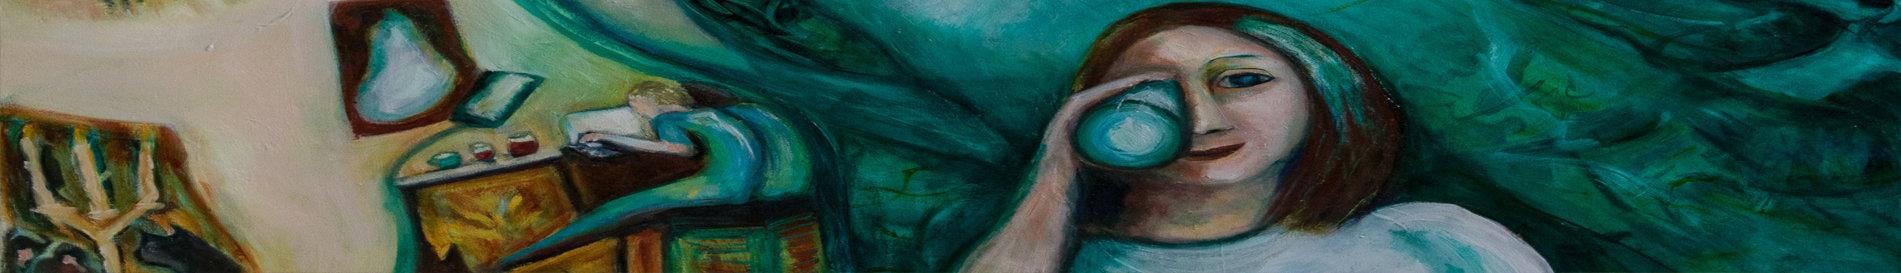 Susannah Paterson solo exhibition